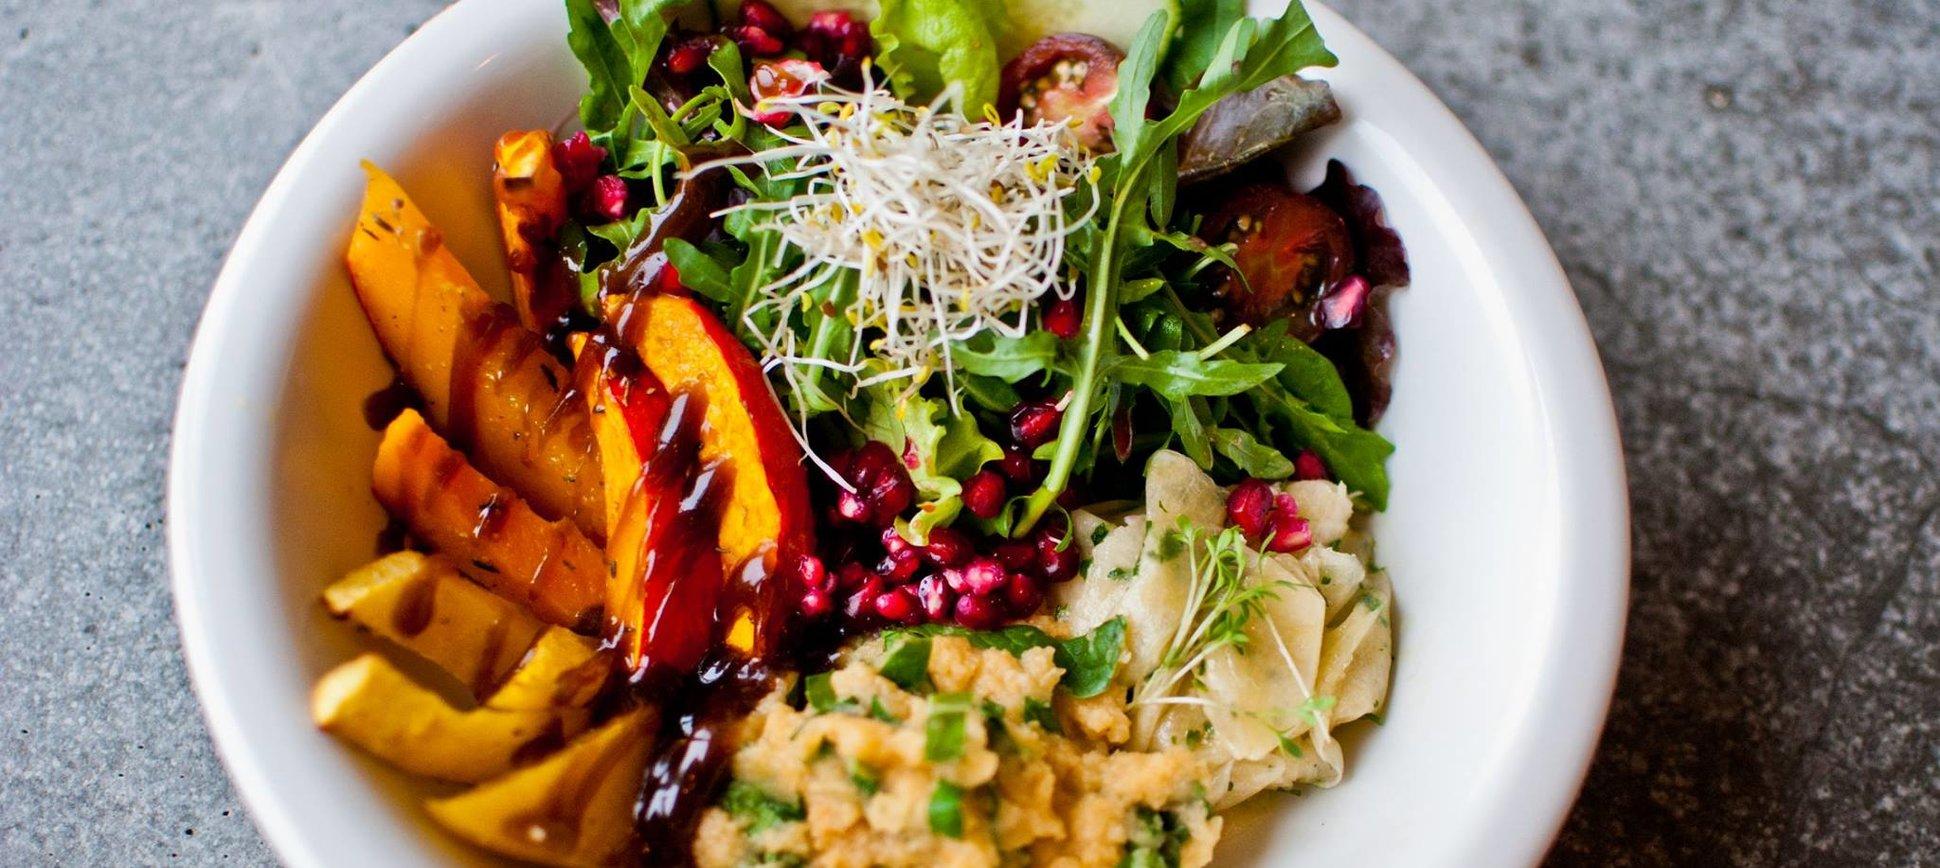 Healthy Restaurants in Berlin That Don\'t Suck